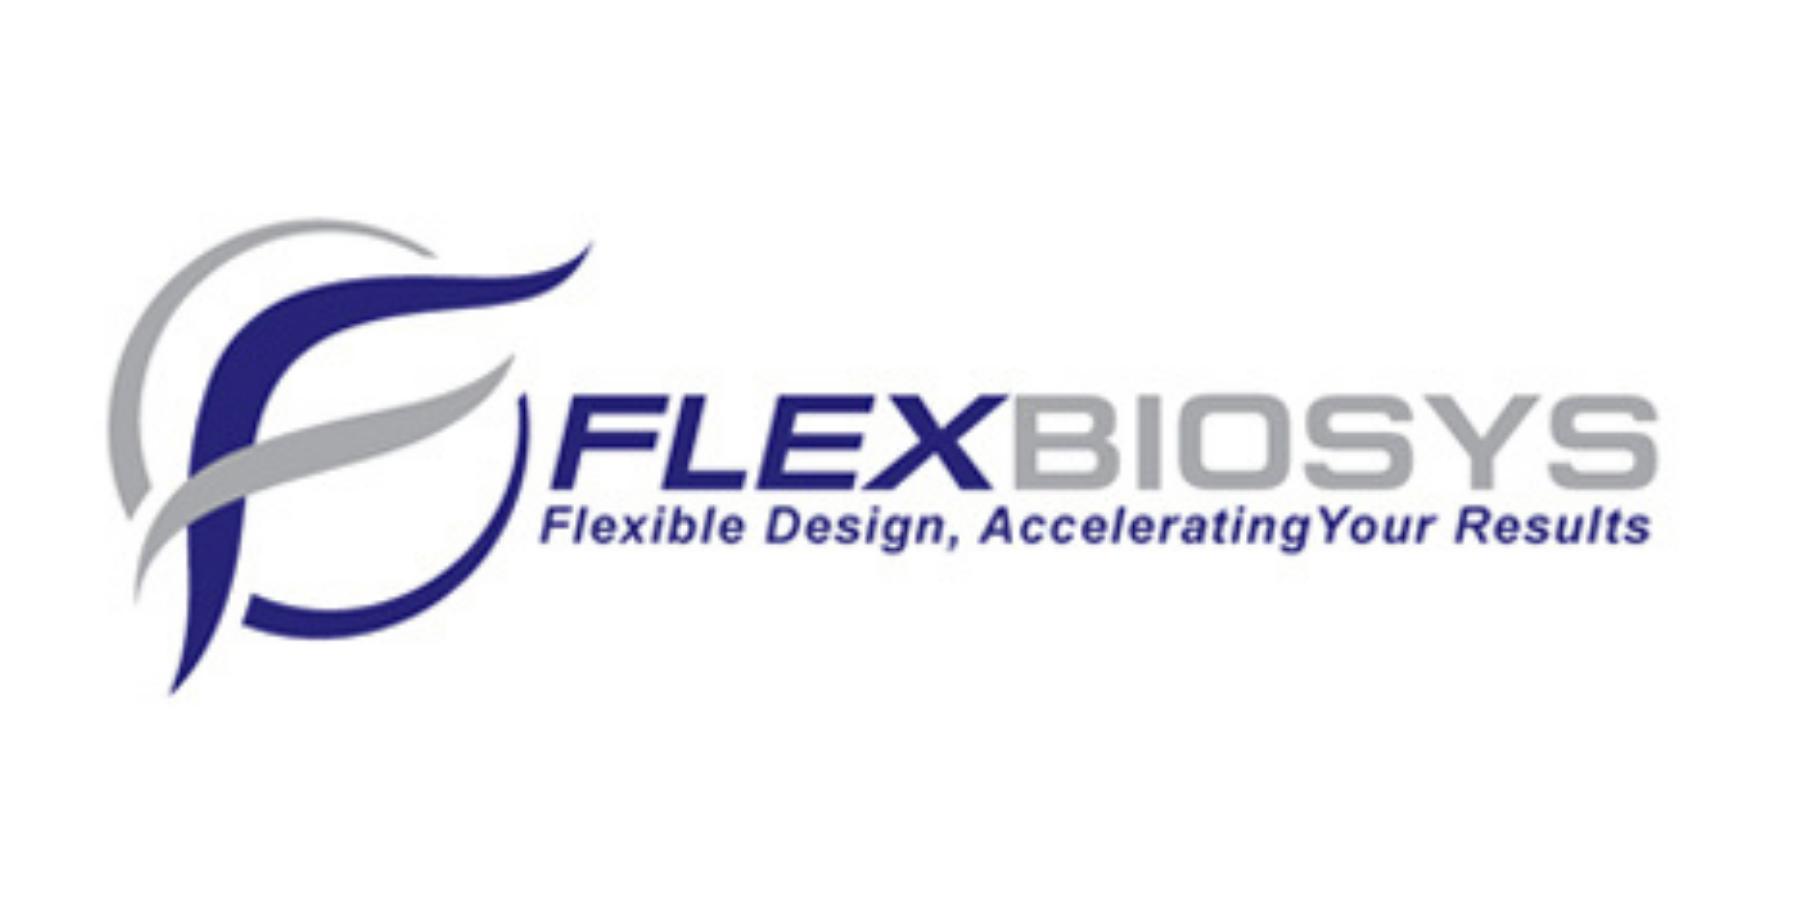 FlexBiosys, Inc.